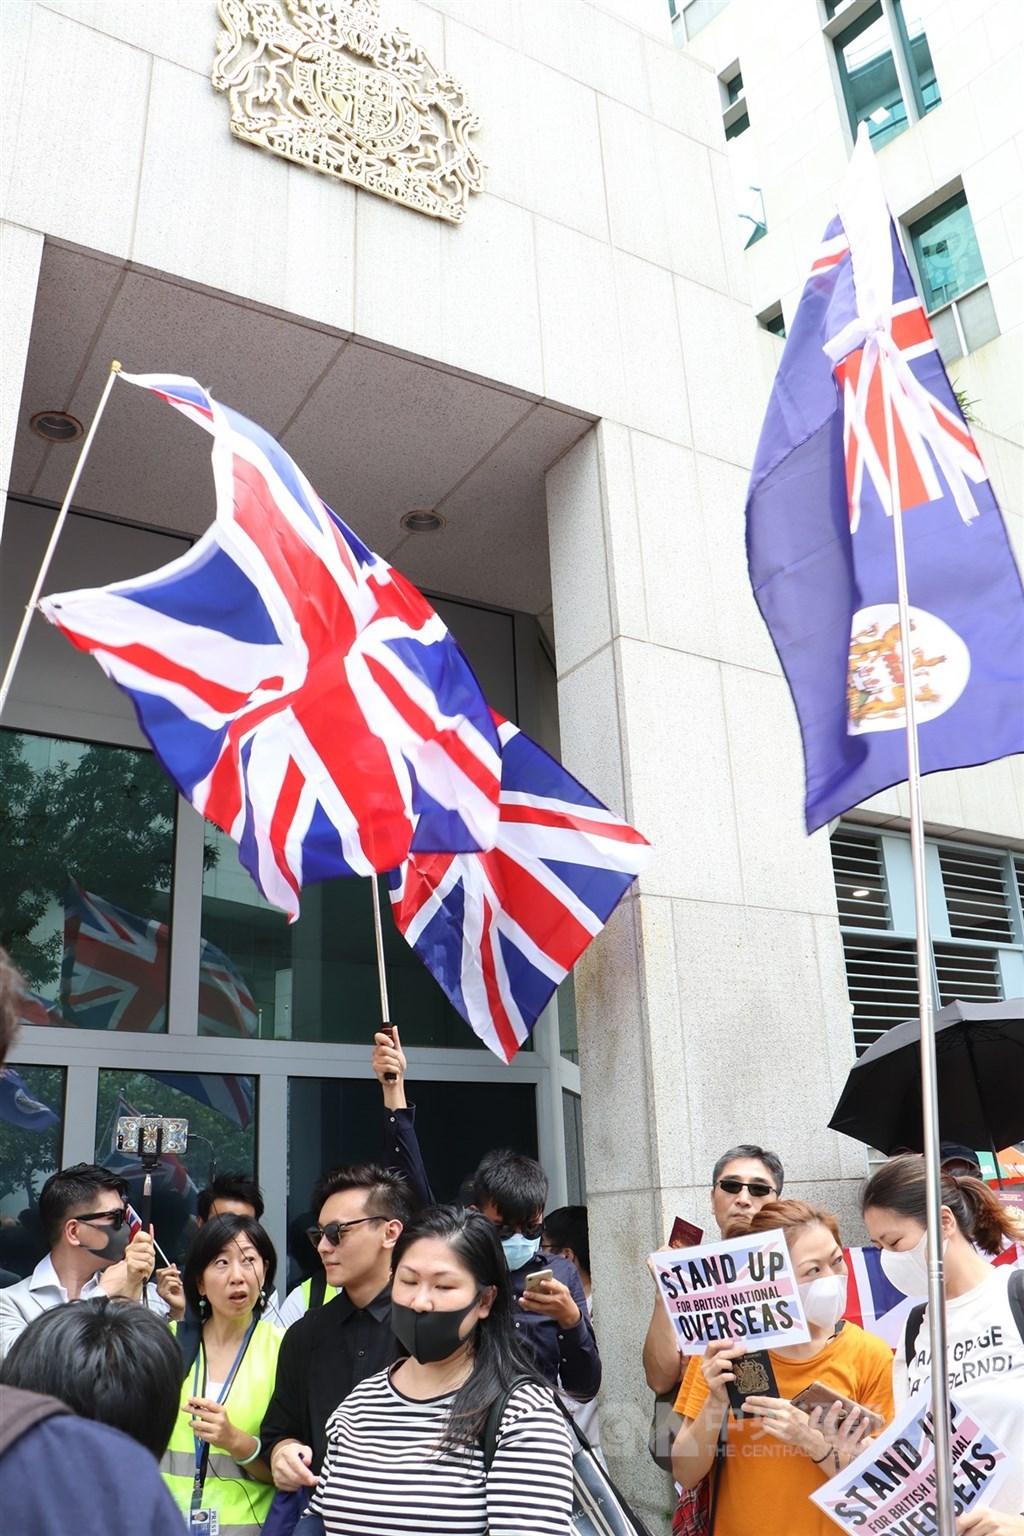 中國駐英國大使館發言人25日說,任何國家都不能藉口「中英聯合聲明」干預香港事務和中國內政。圖為2019年9月1日反送中運動期間大批港人到英國駐香港總領事館請願。(檔案照片)中央社記者張謙香港攝